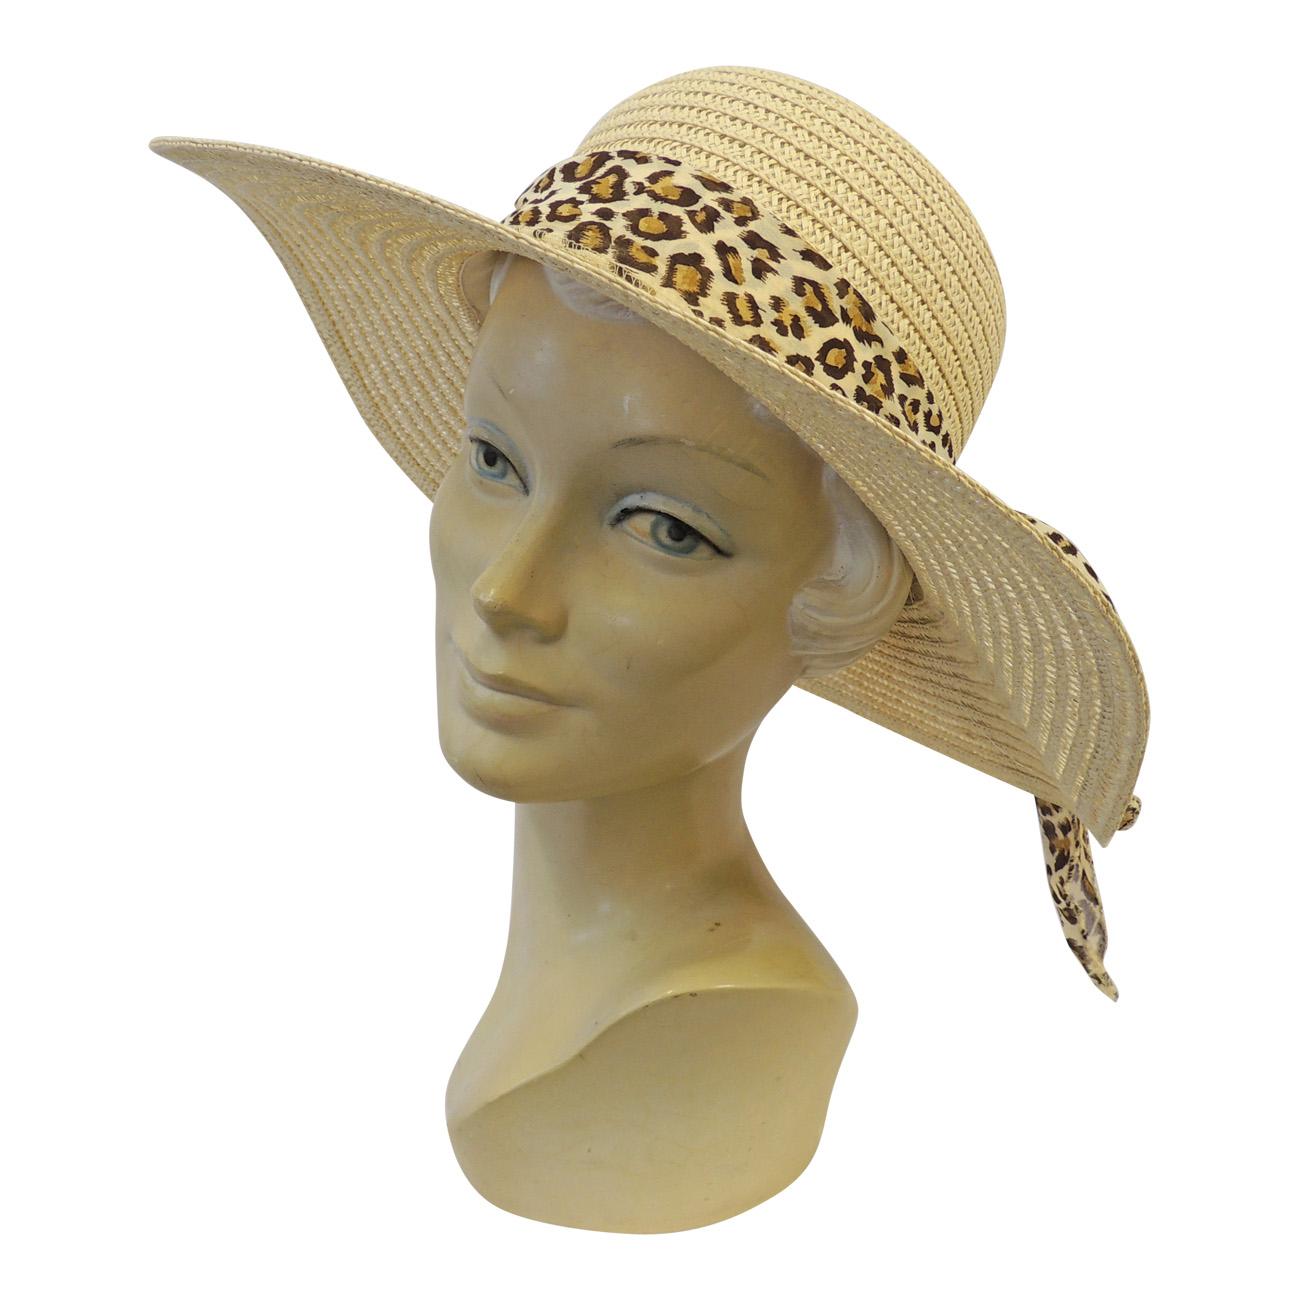 New Retro Wide Brim Raffia Leopard Summer Sun Hat 1920 s 1930 s ... 56a40d3fec7d